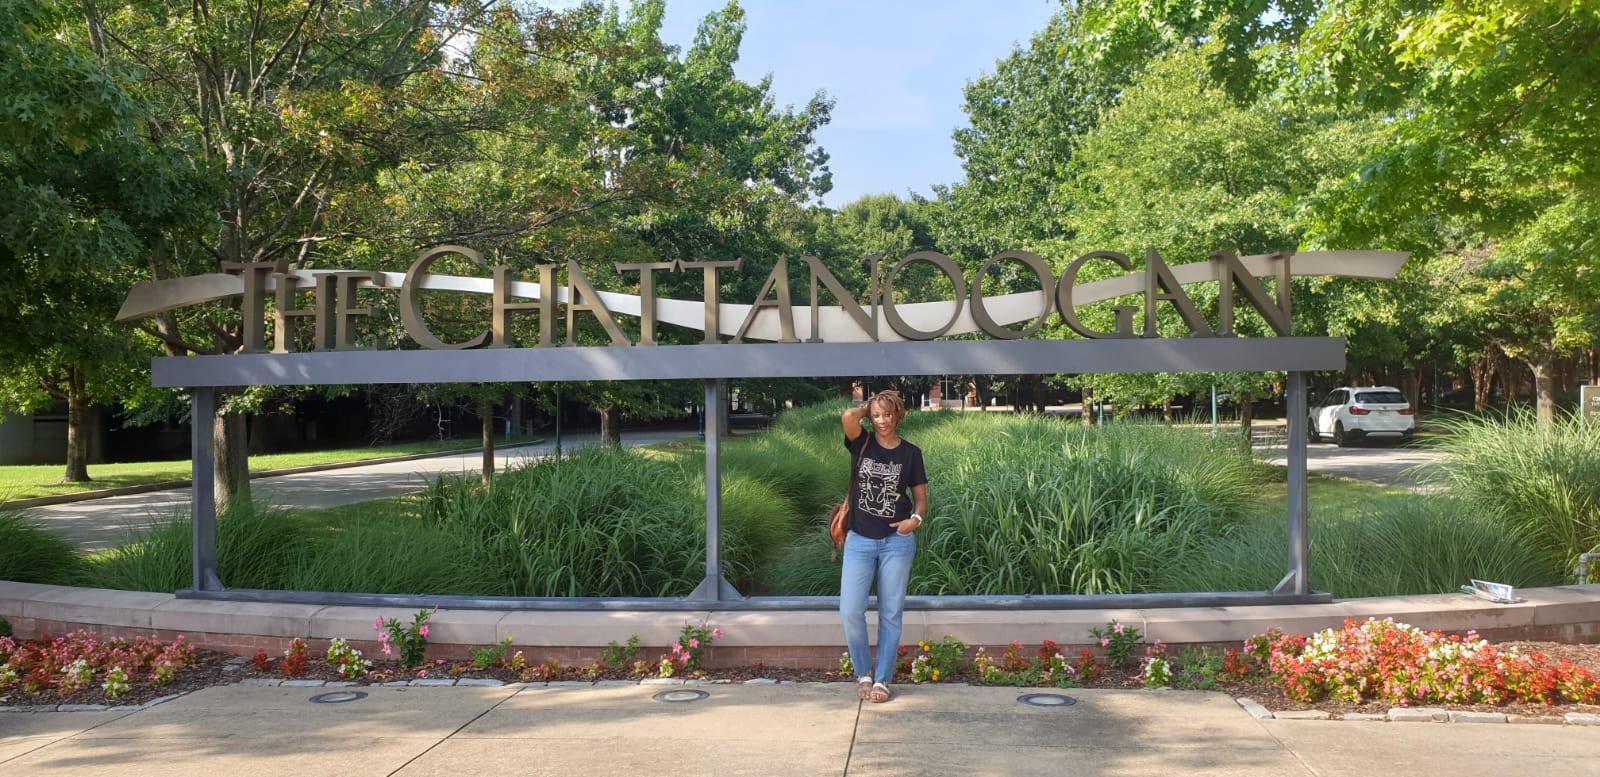 Carnet de bord Road Trip aux Etats-Unis : On s'arrête à Chattanooga !